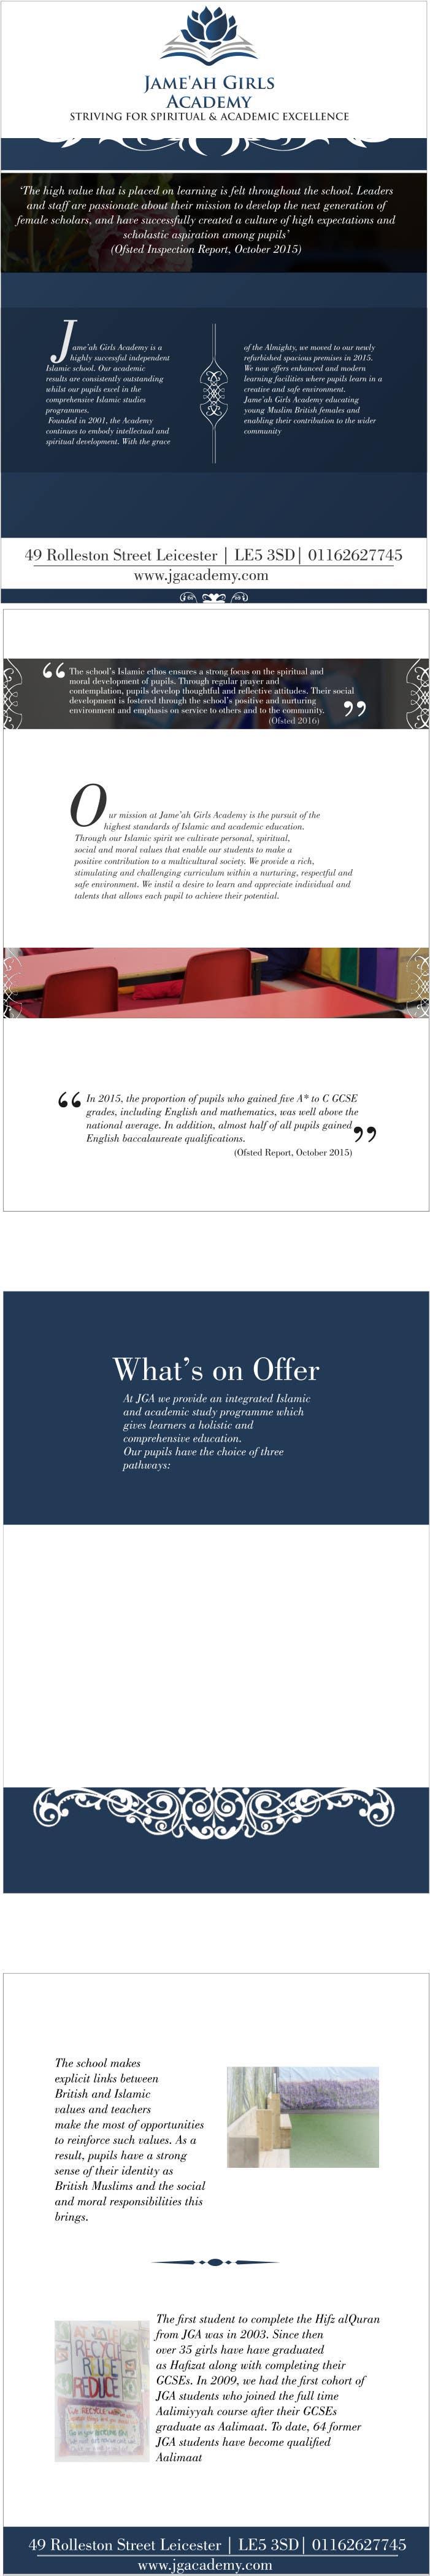 urgent but easy needs doing immediately design a school leaflet 7 for urgent but easy needs doing immediately design a school leaflet